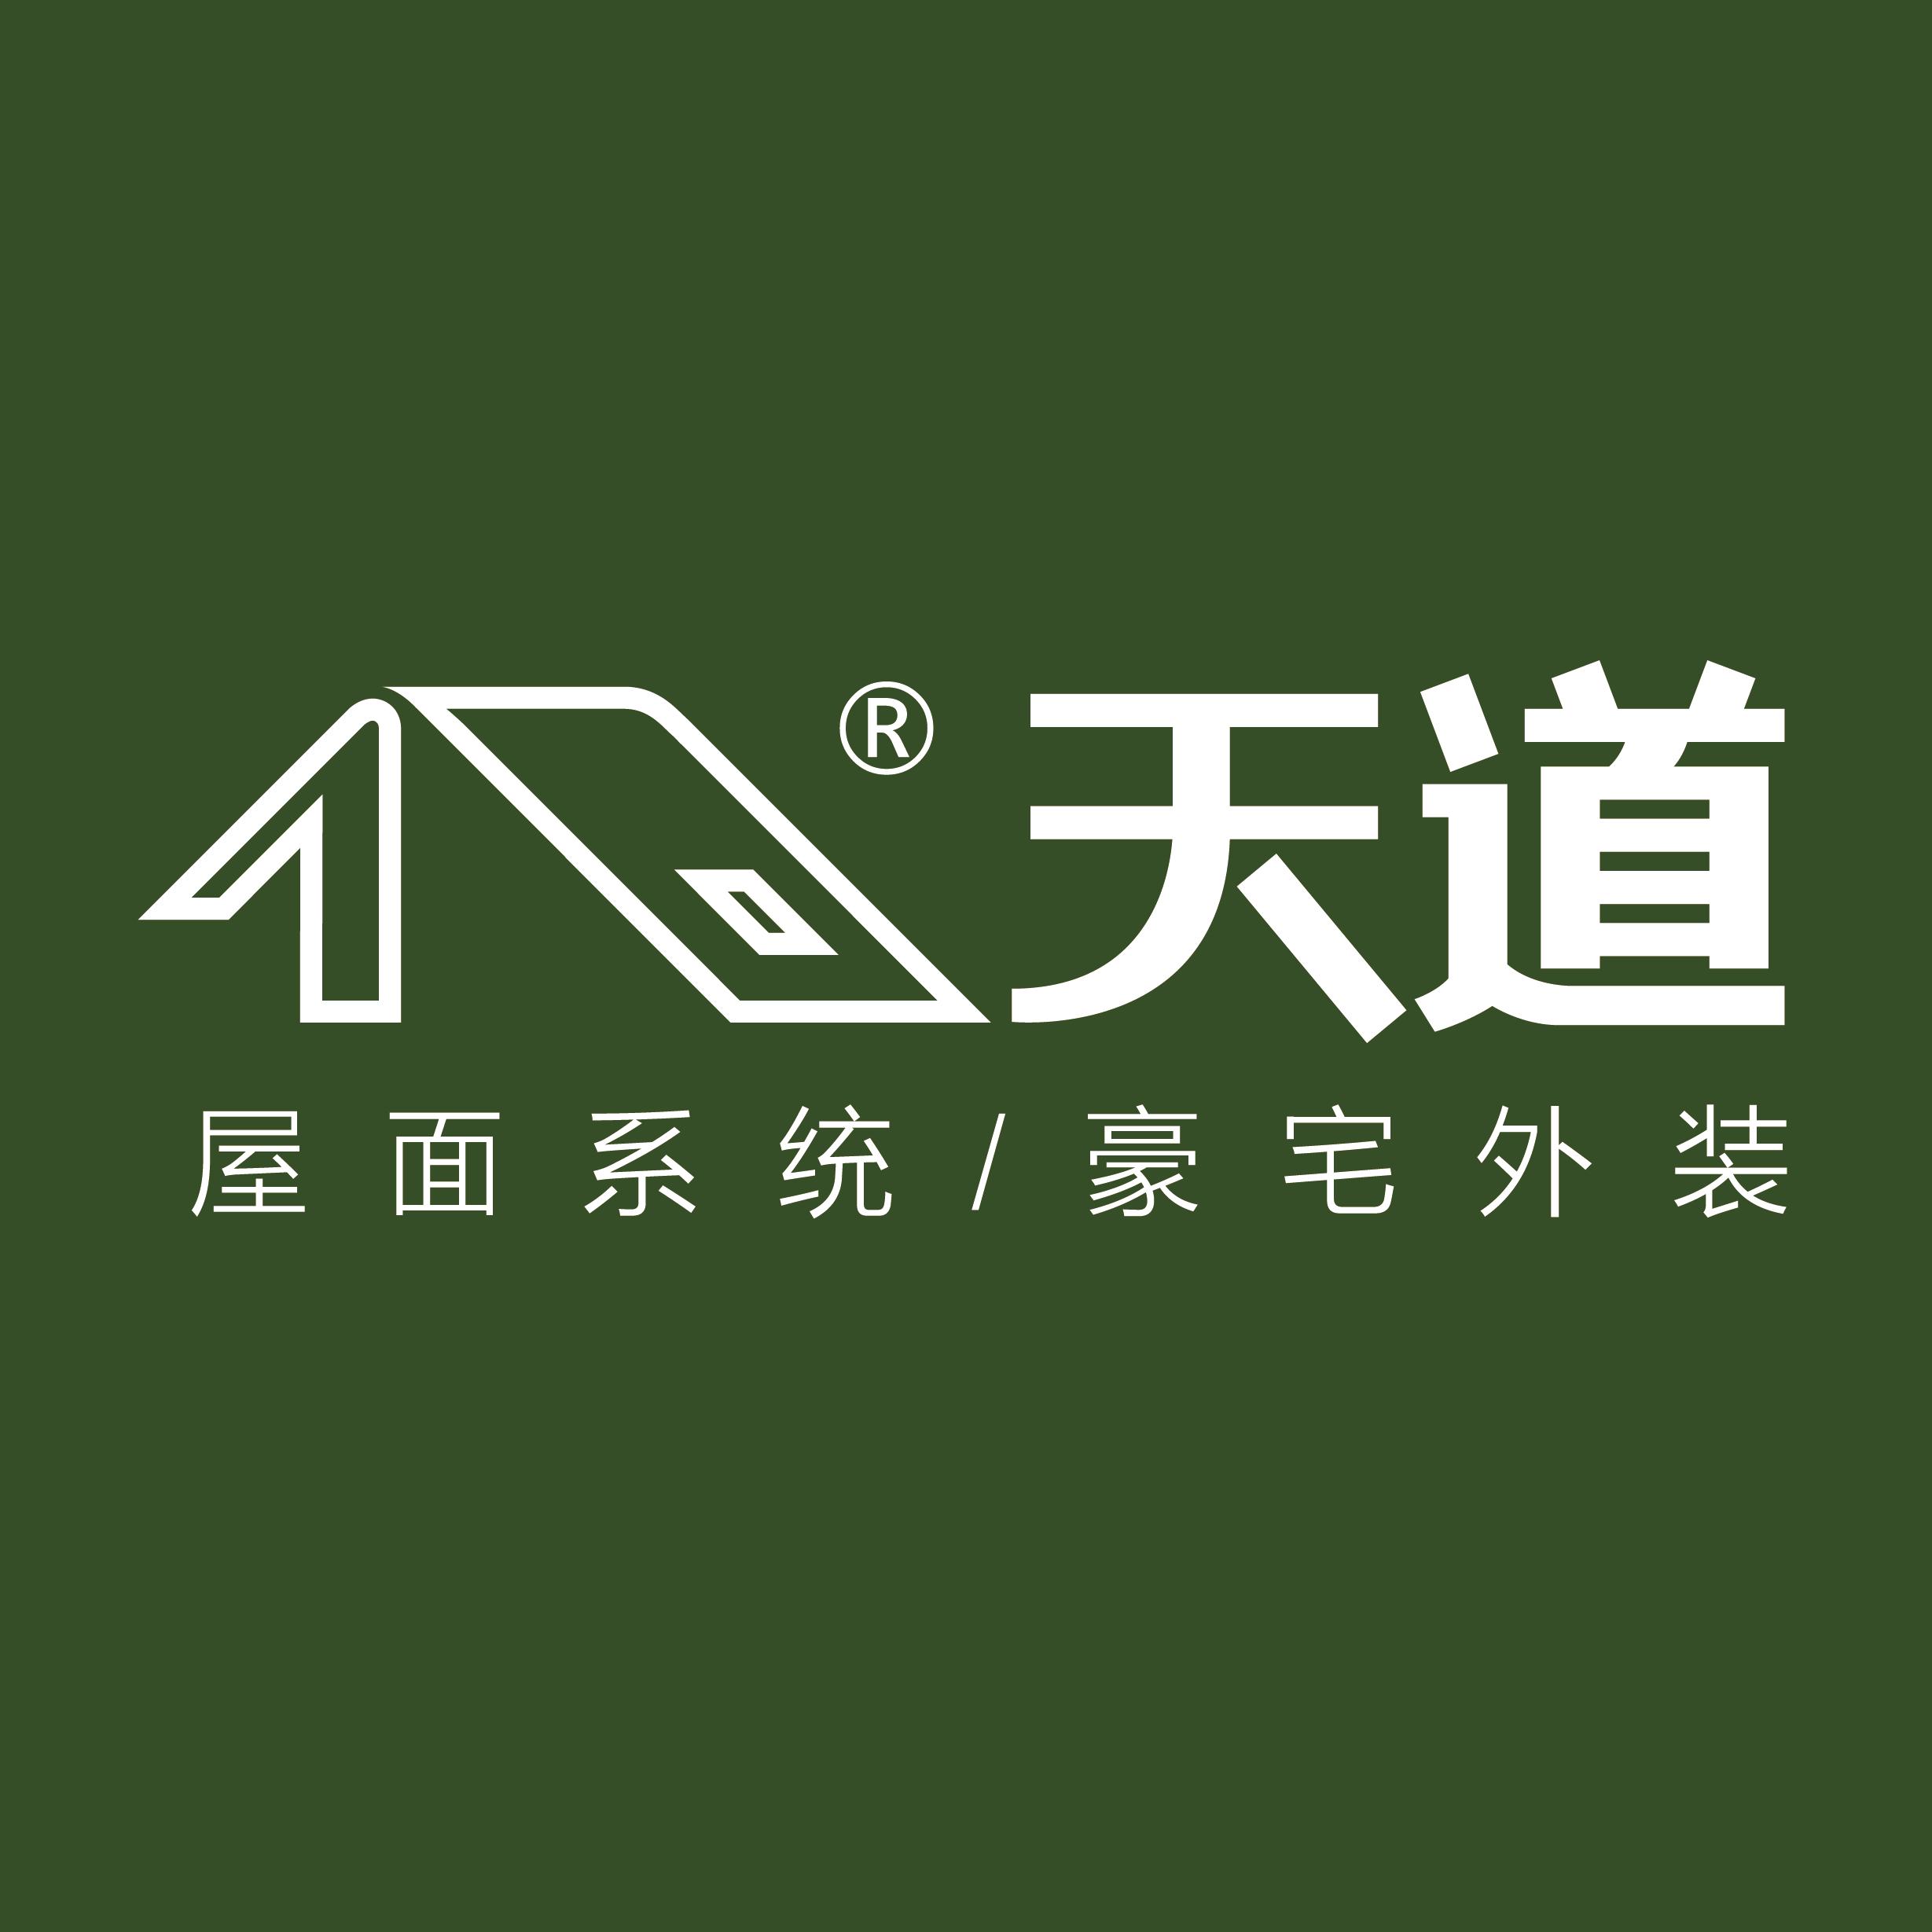 江苏天道建材科技有限公司